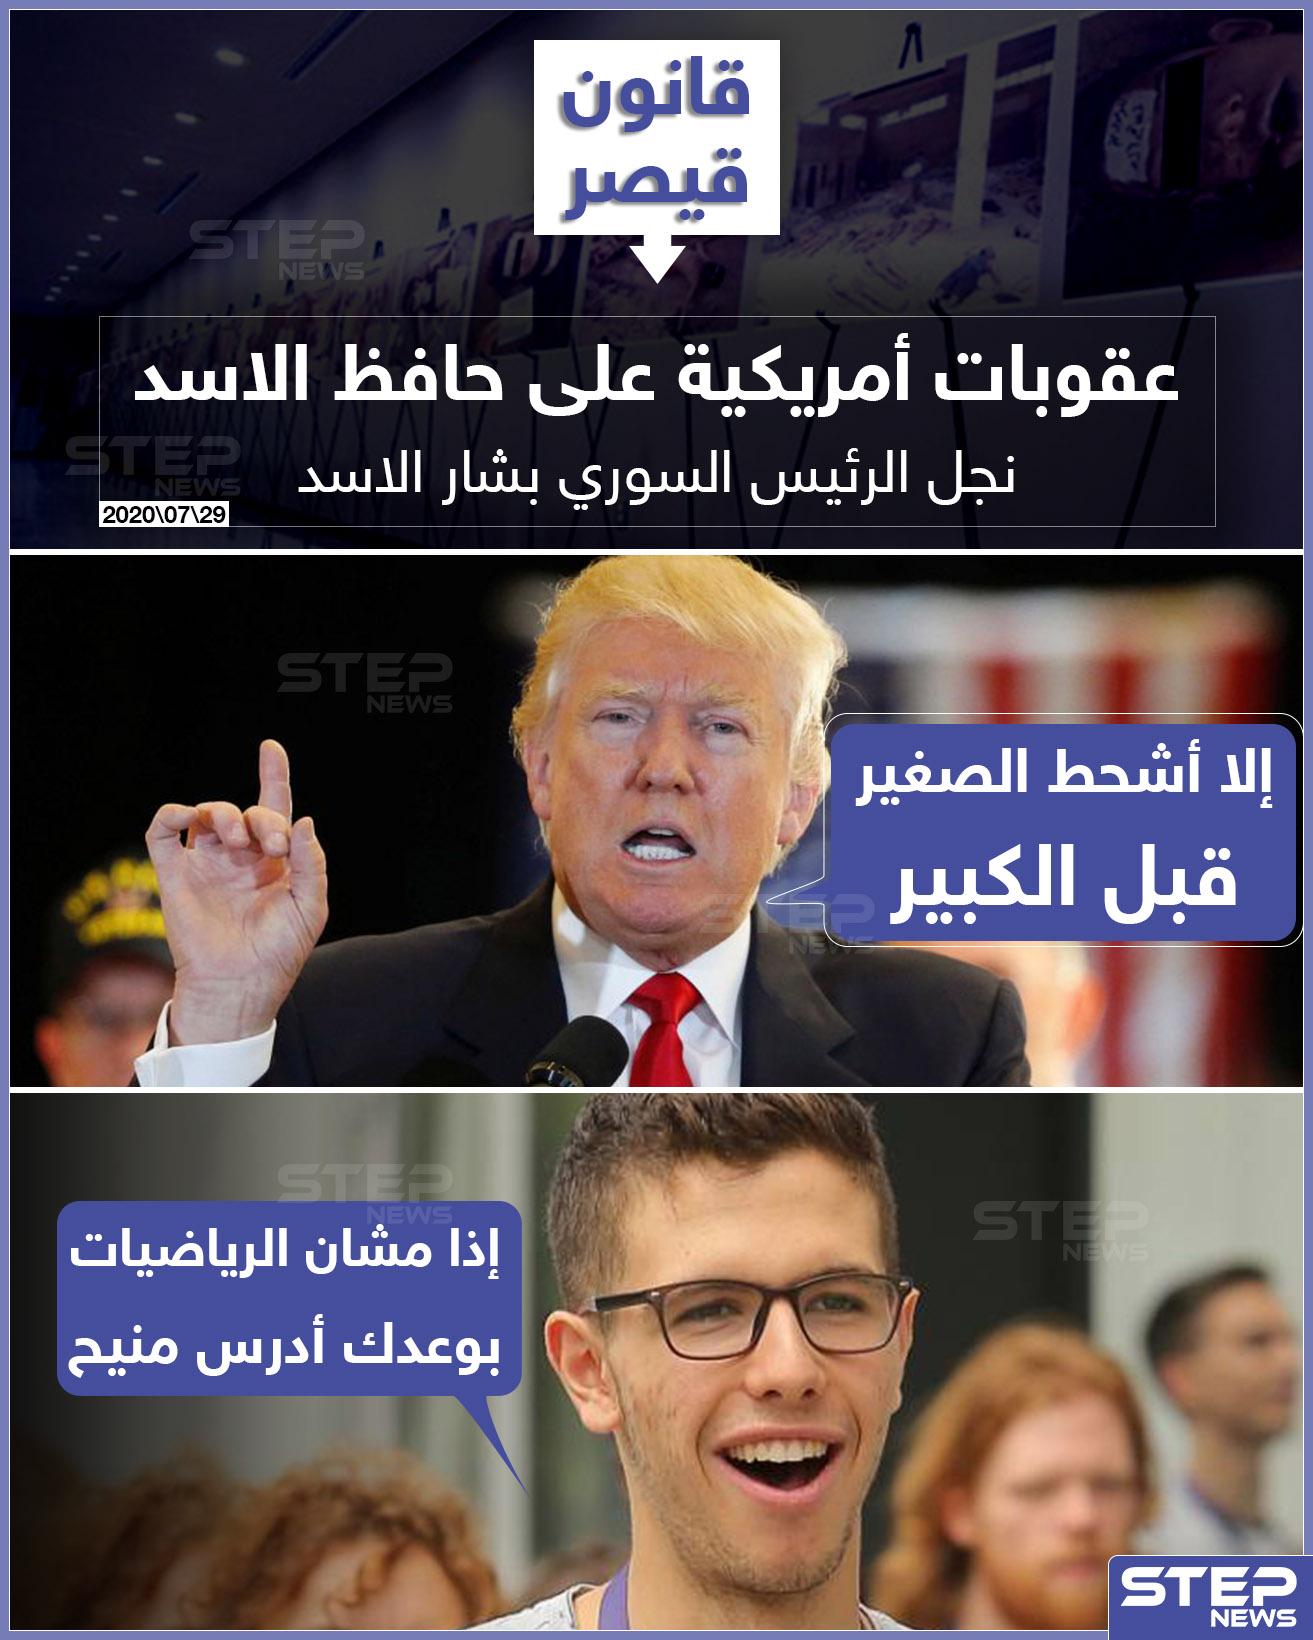 عقوبات أمريكية تطال نجل رأس النظام السوري حافظ بشار الأسد